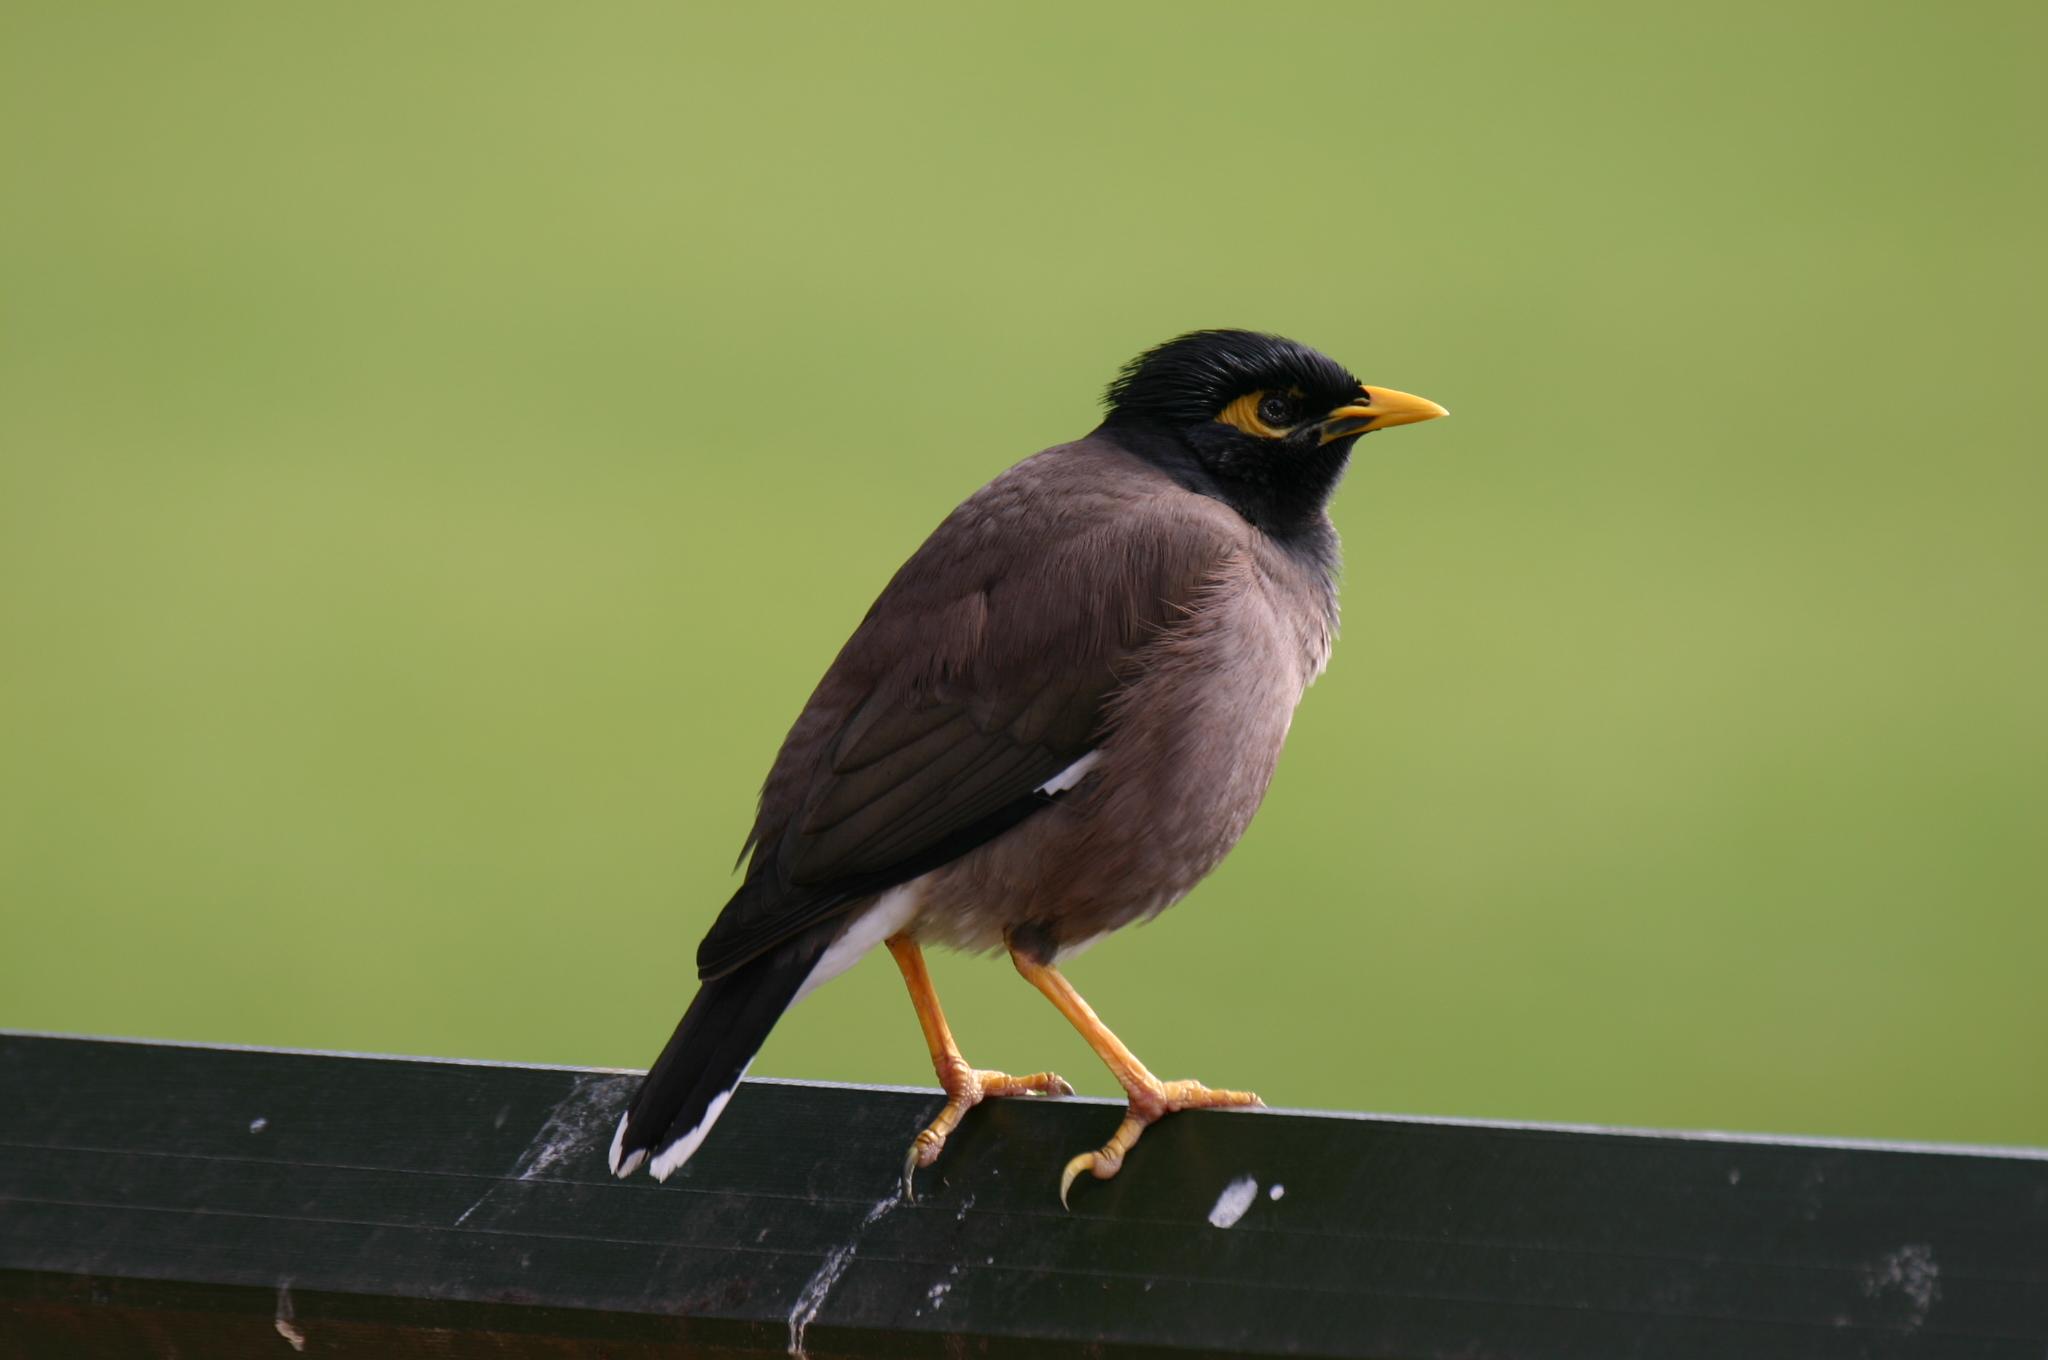 Las aves urbanitas son más valientes y exploradoras que las que viven en entornos naturales